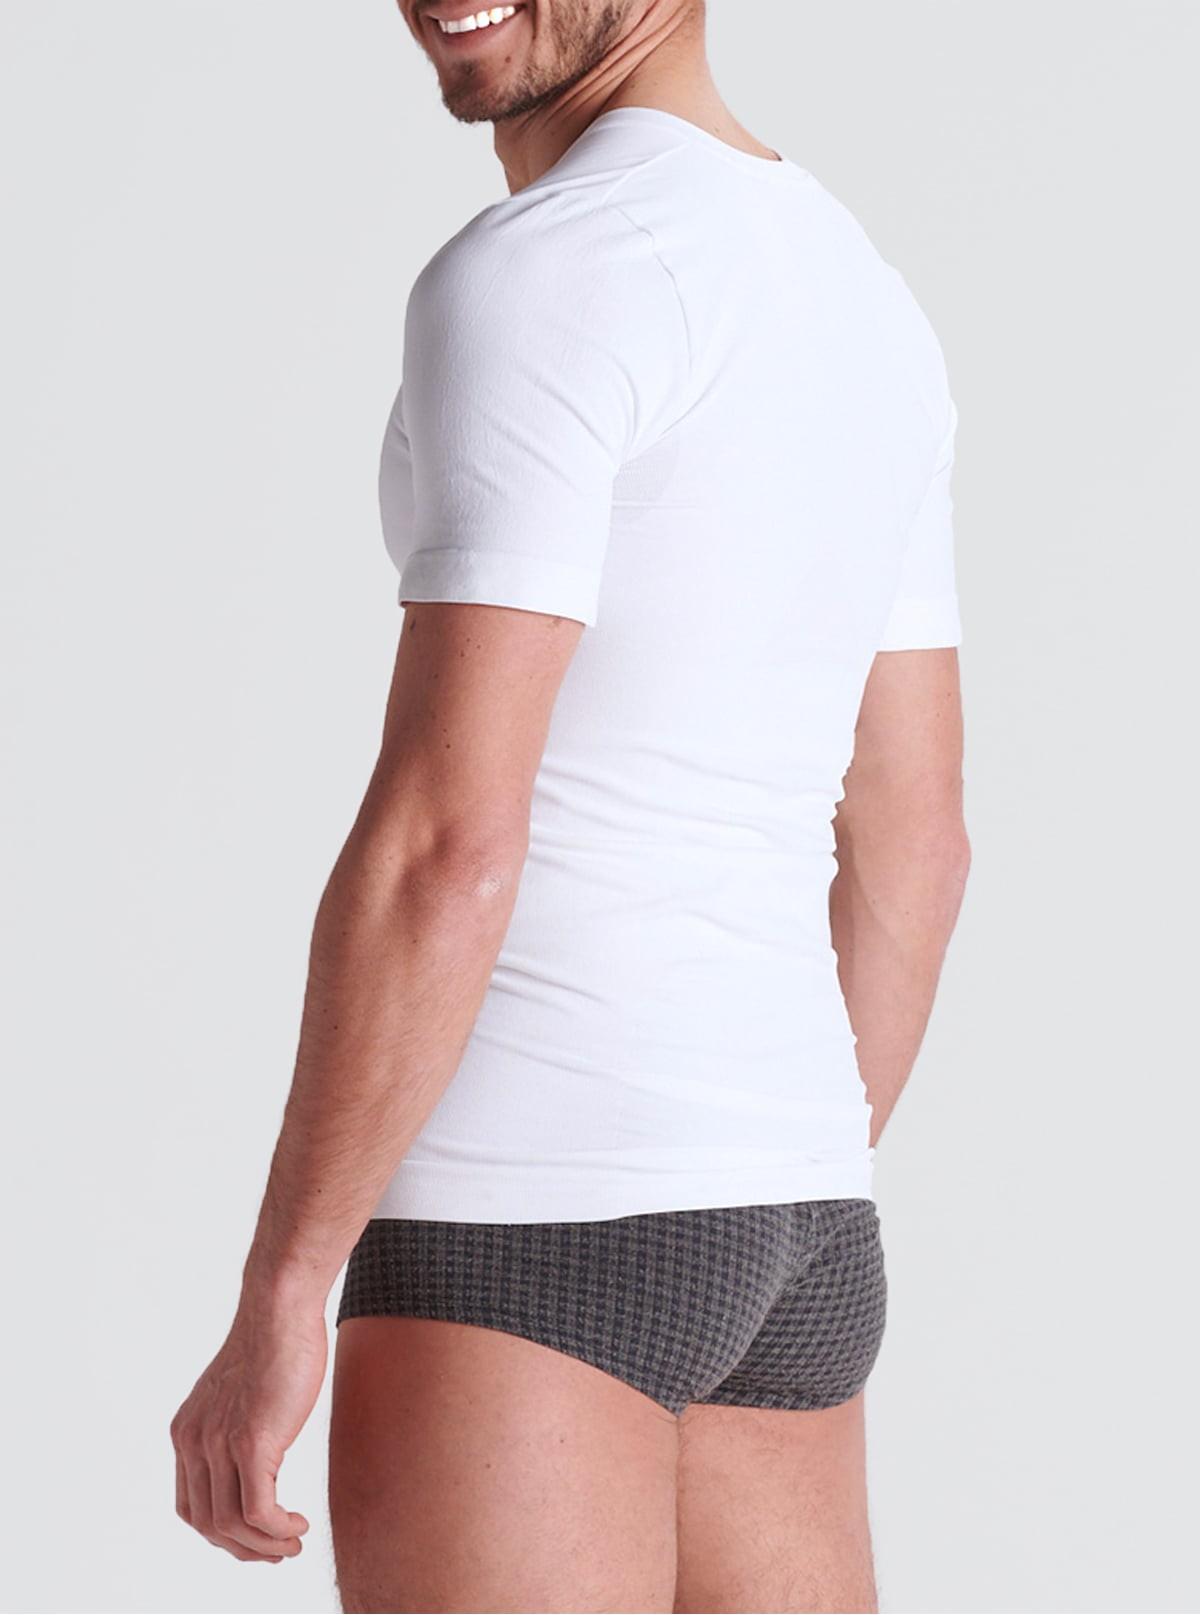 White Men's Postural Top in Dermofibra® Cosmetics